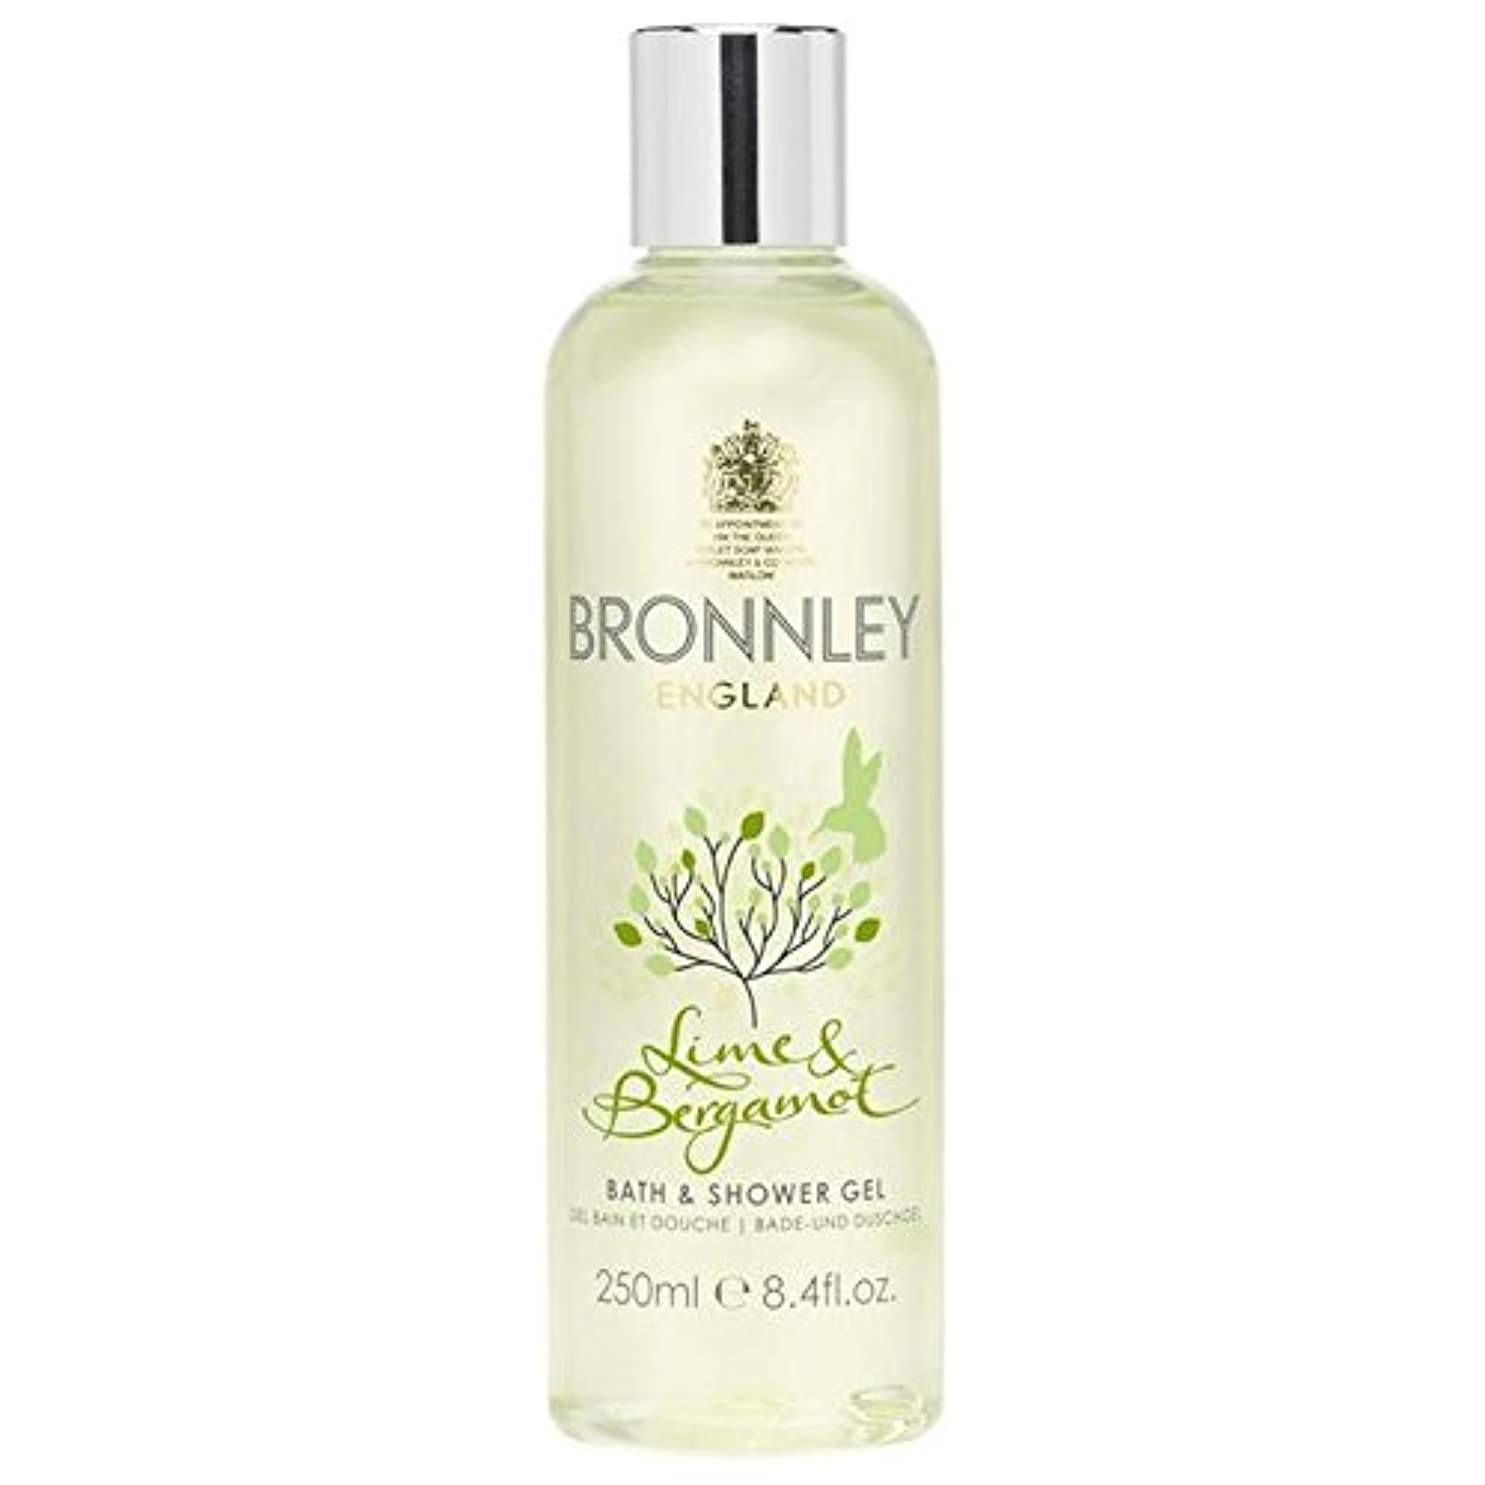 石灰岩いつ日焼けライム&ベルガモットバス&シャワージェル250ミリリットル x4 - Bronnley Lime & Bergamot Bath & Shower Gel 250ml (Pack of 4) [並行輸入品]